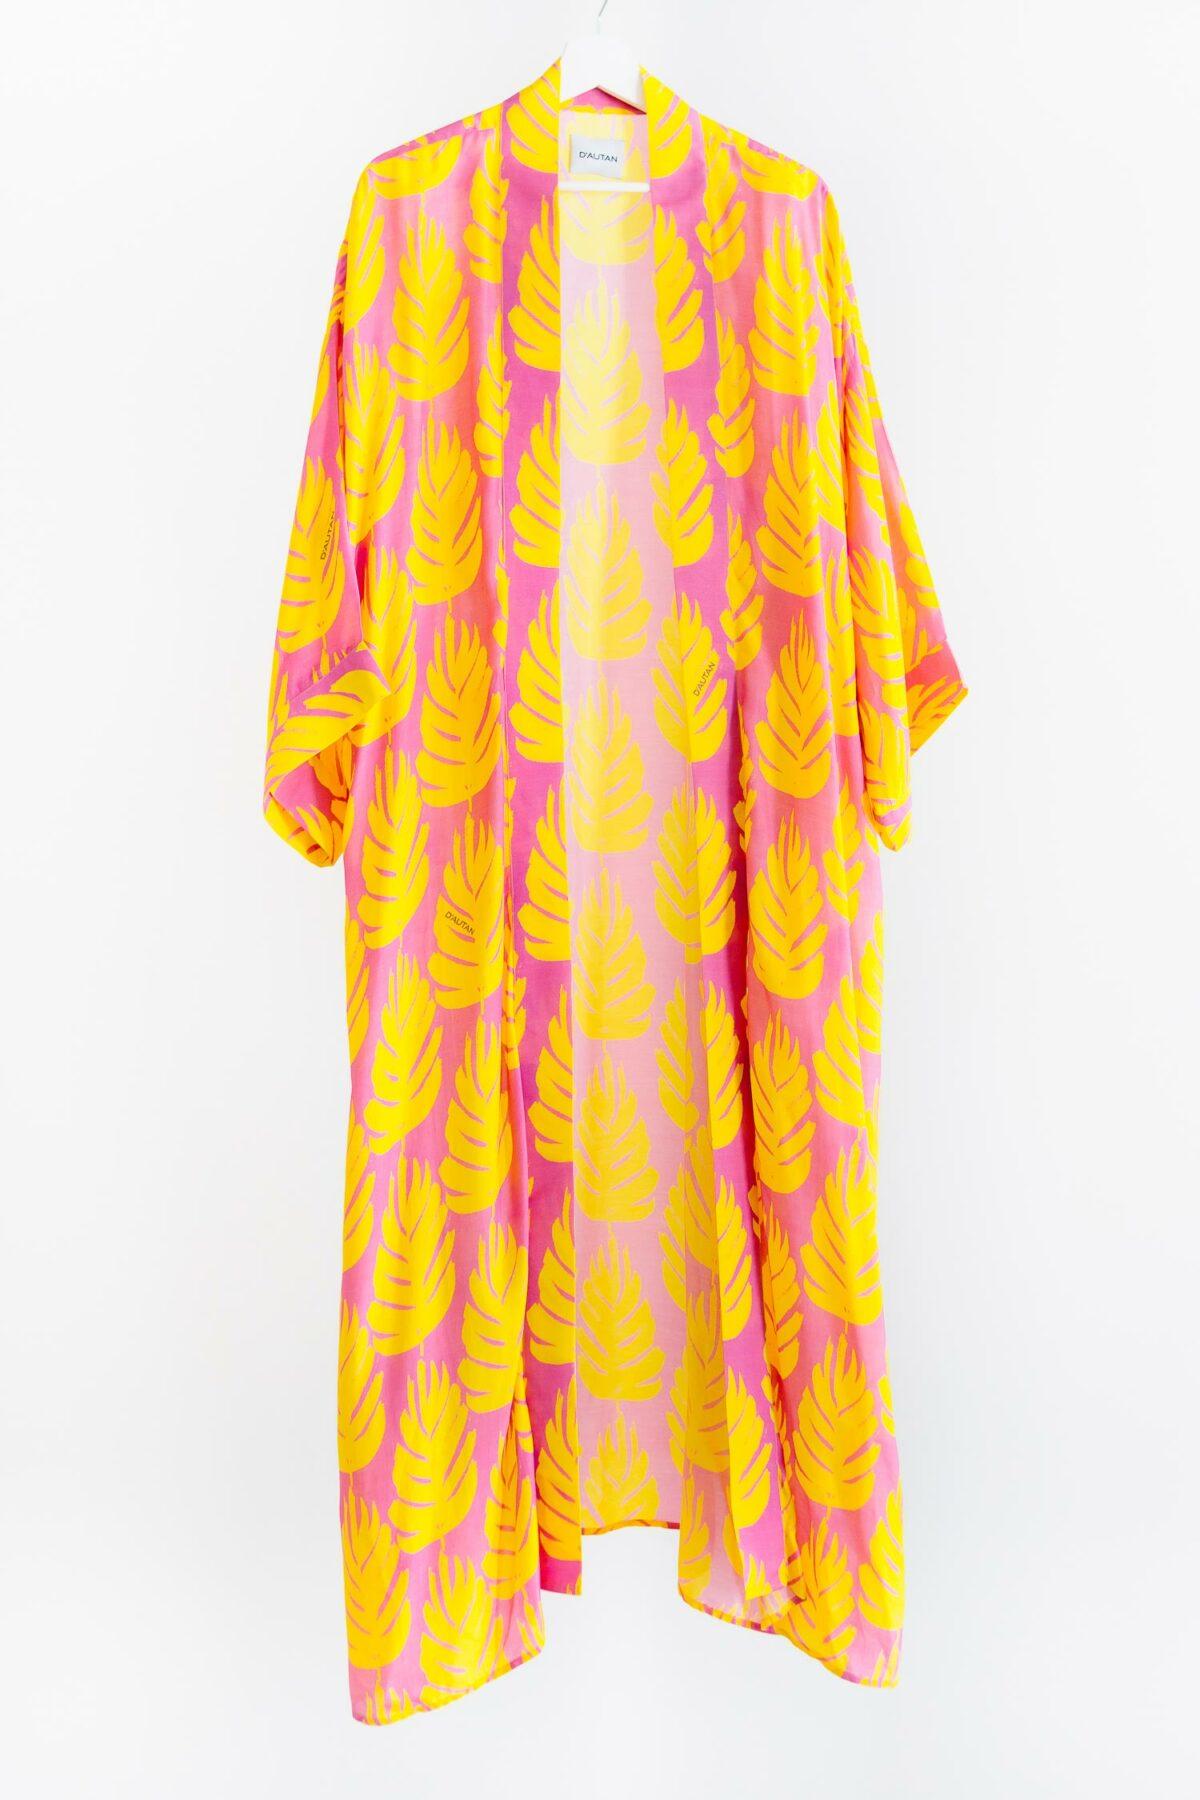 yellow and pink kimono